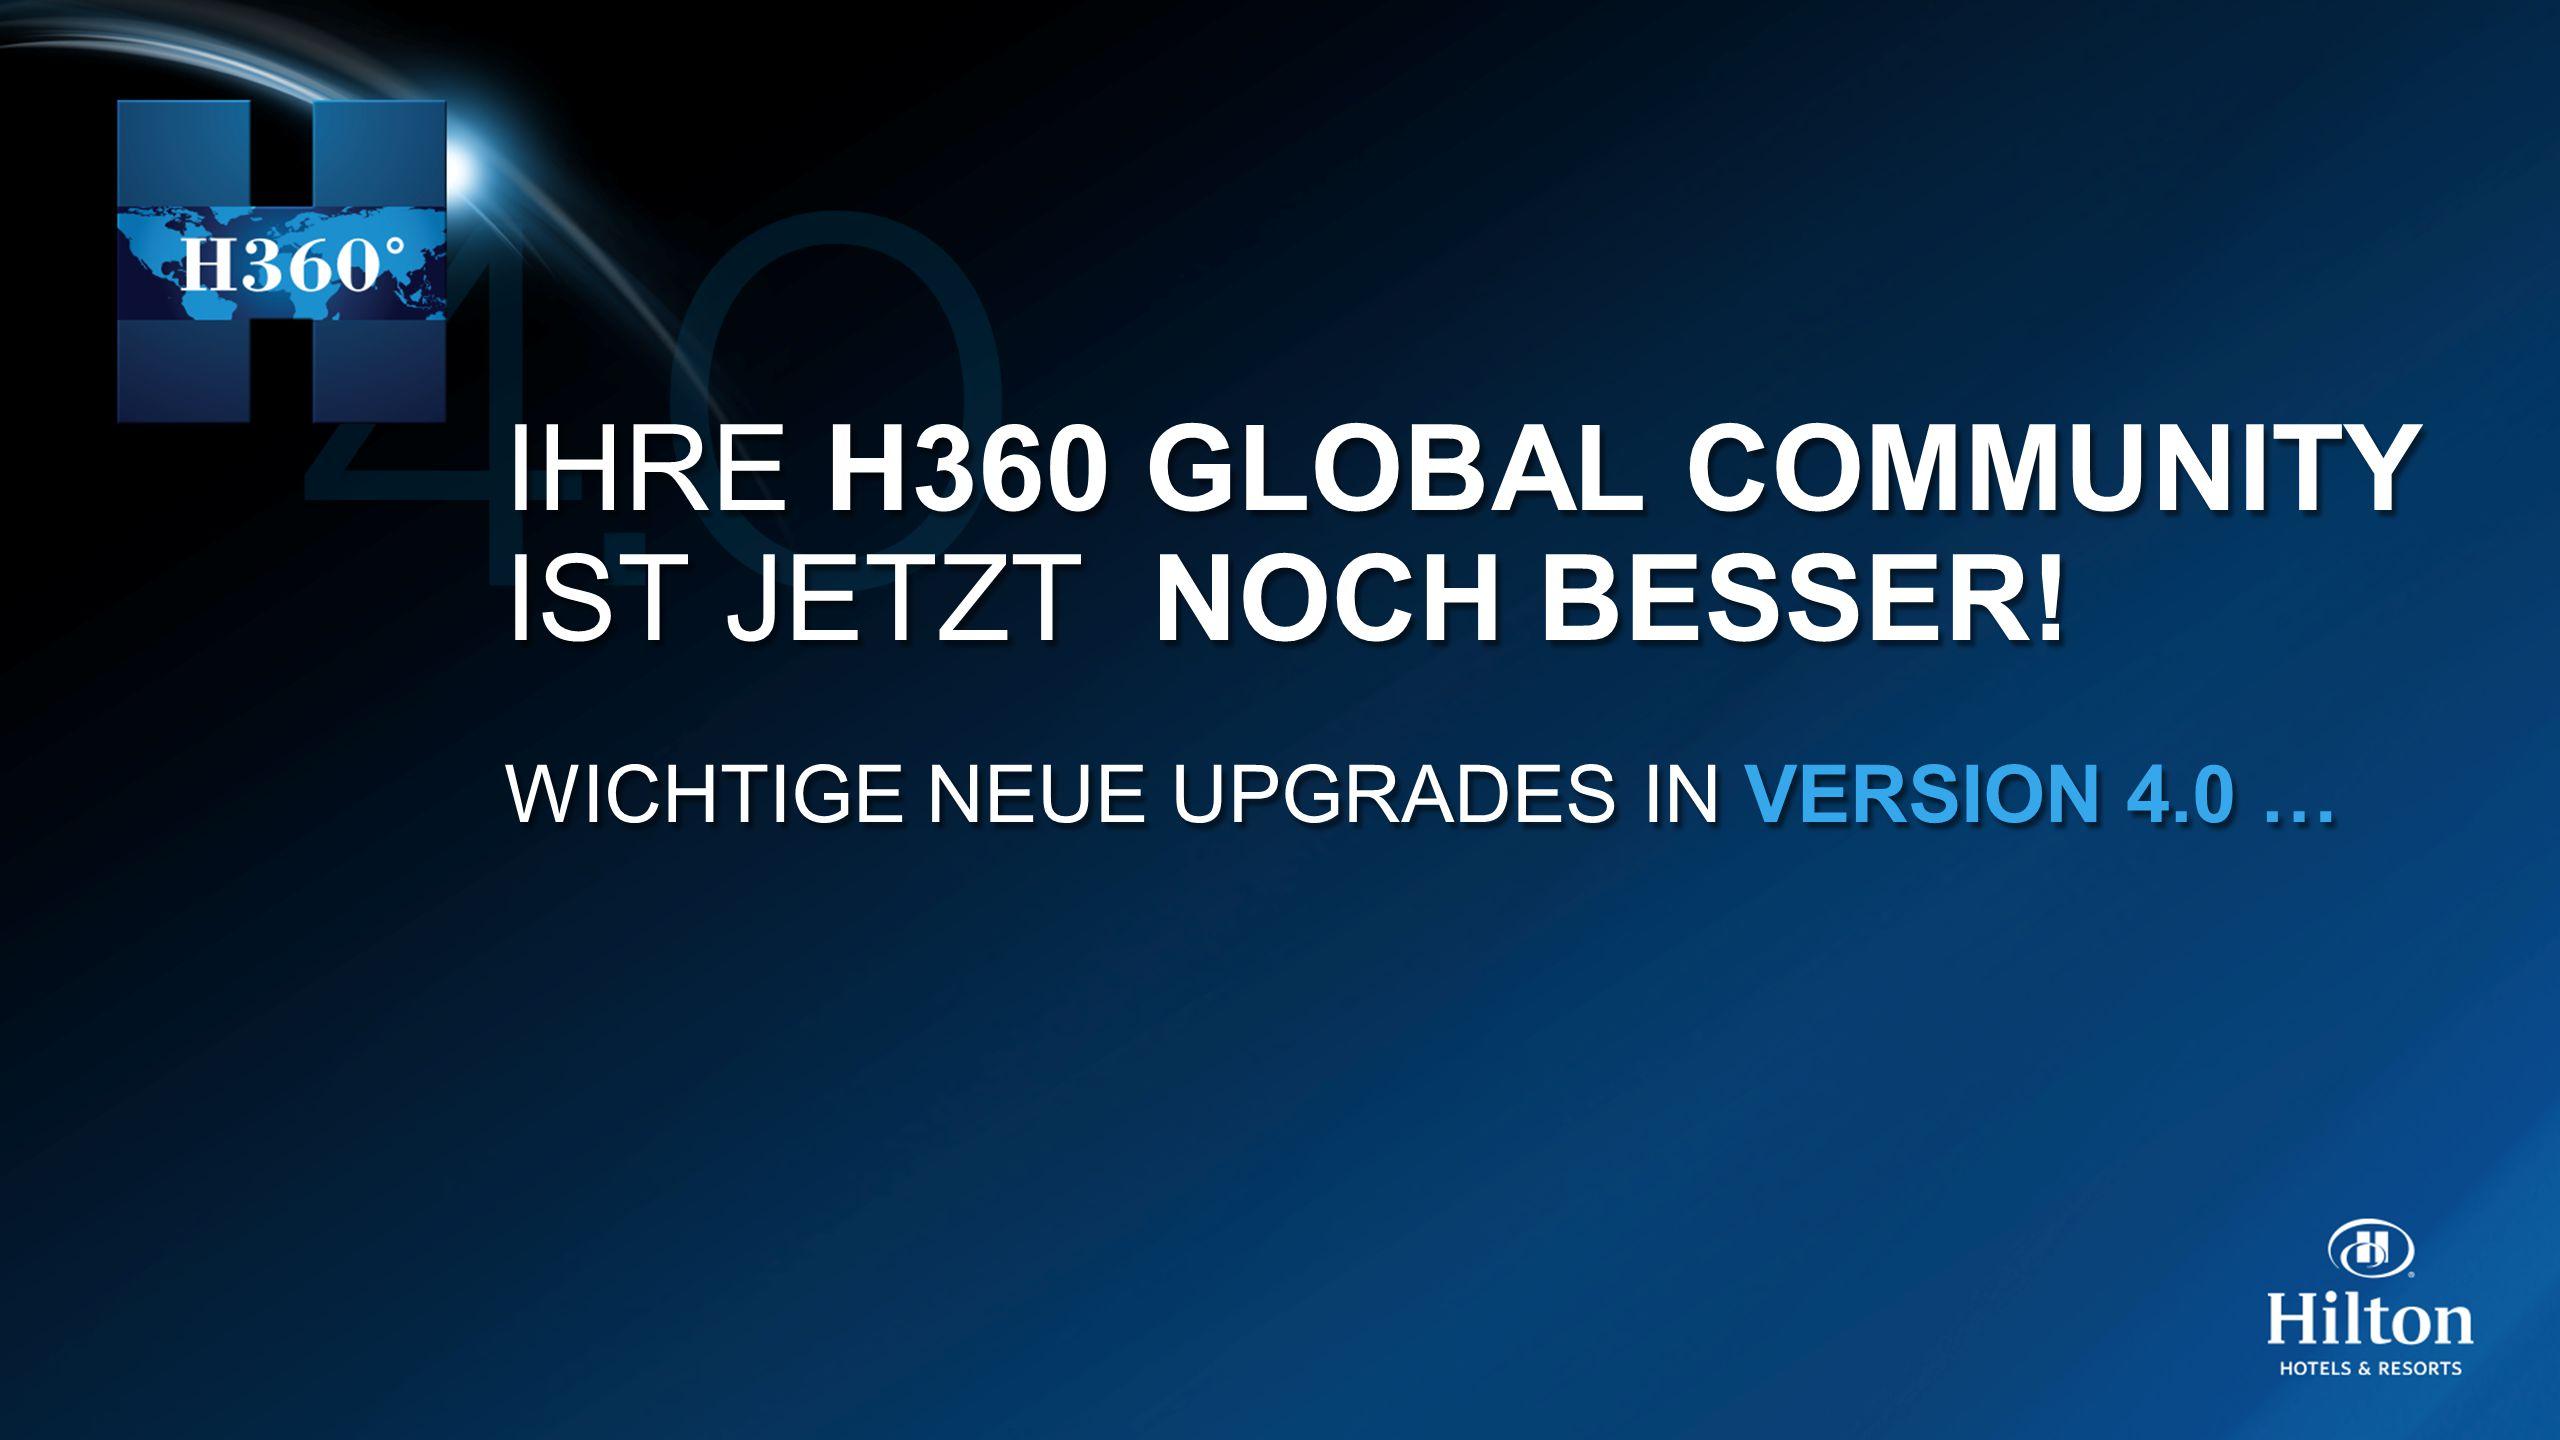 IHRE H360 GLOBAL COMMUNITY IST JETZT NOCH BESSER! WICHTIGE NEUE UPGRADES IN VERSION 4.0 … IHRE H360 GLOBAL COMMUNITY IST JETZT NOCH BESSER! WICHTIGE N